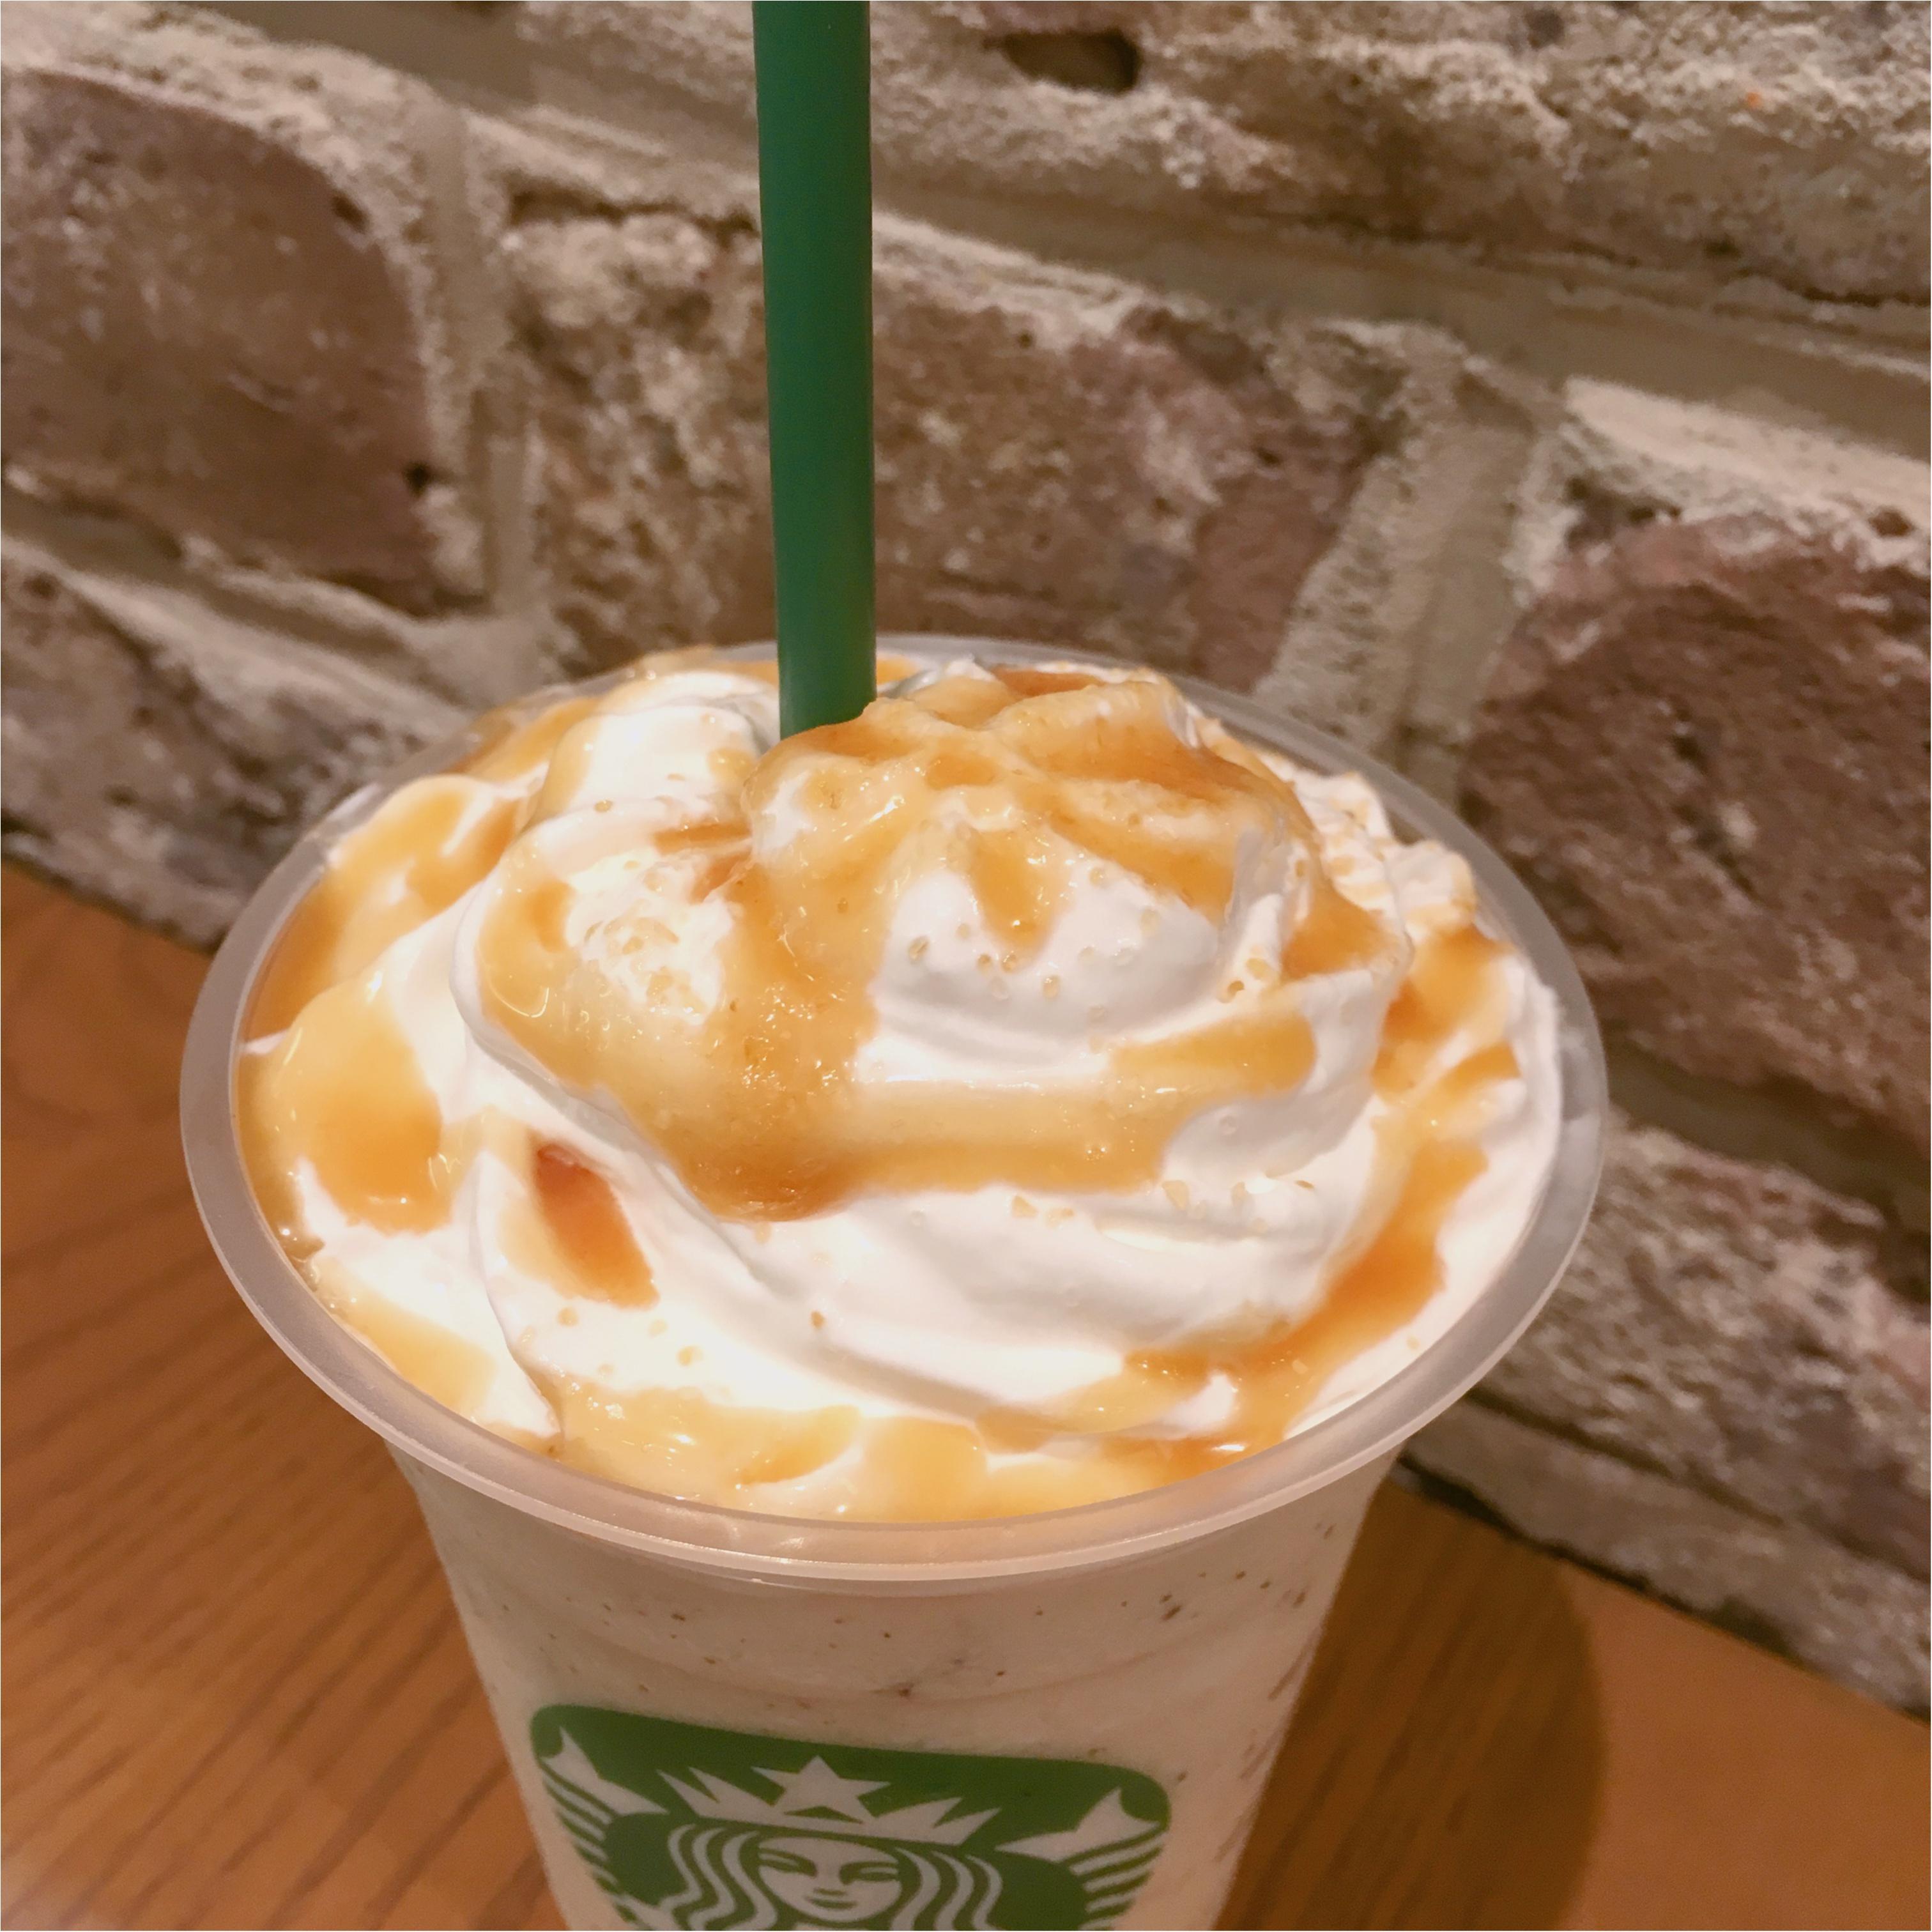 【10月1日まで】秋に飲みたい♡期間限定のほうじ茶クリームフラペチーノwithキャラメルソースが登場 ♡♡_4